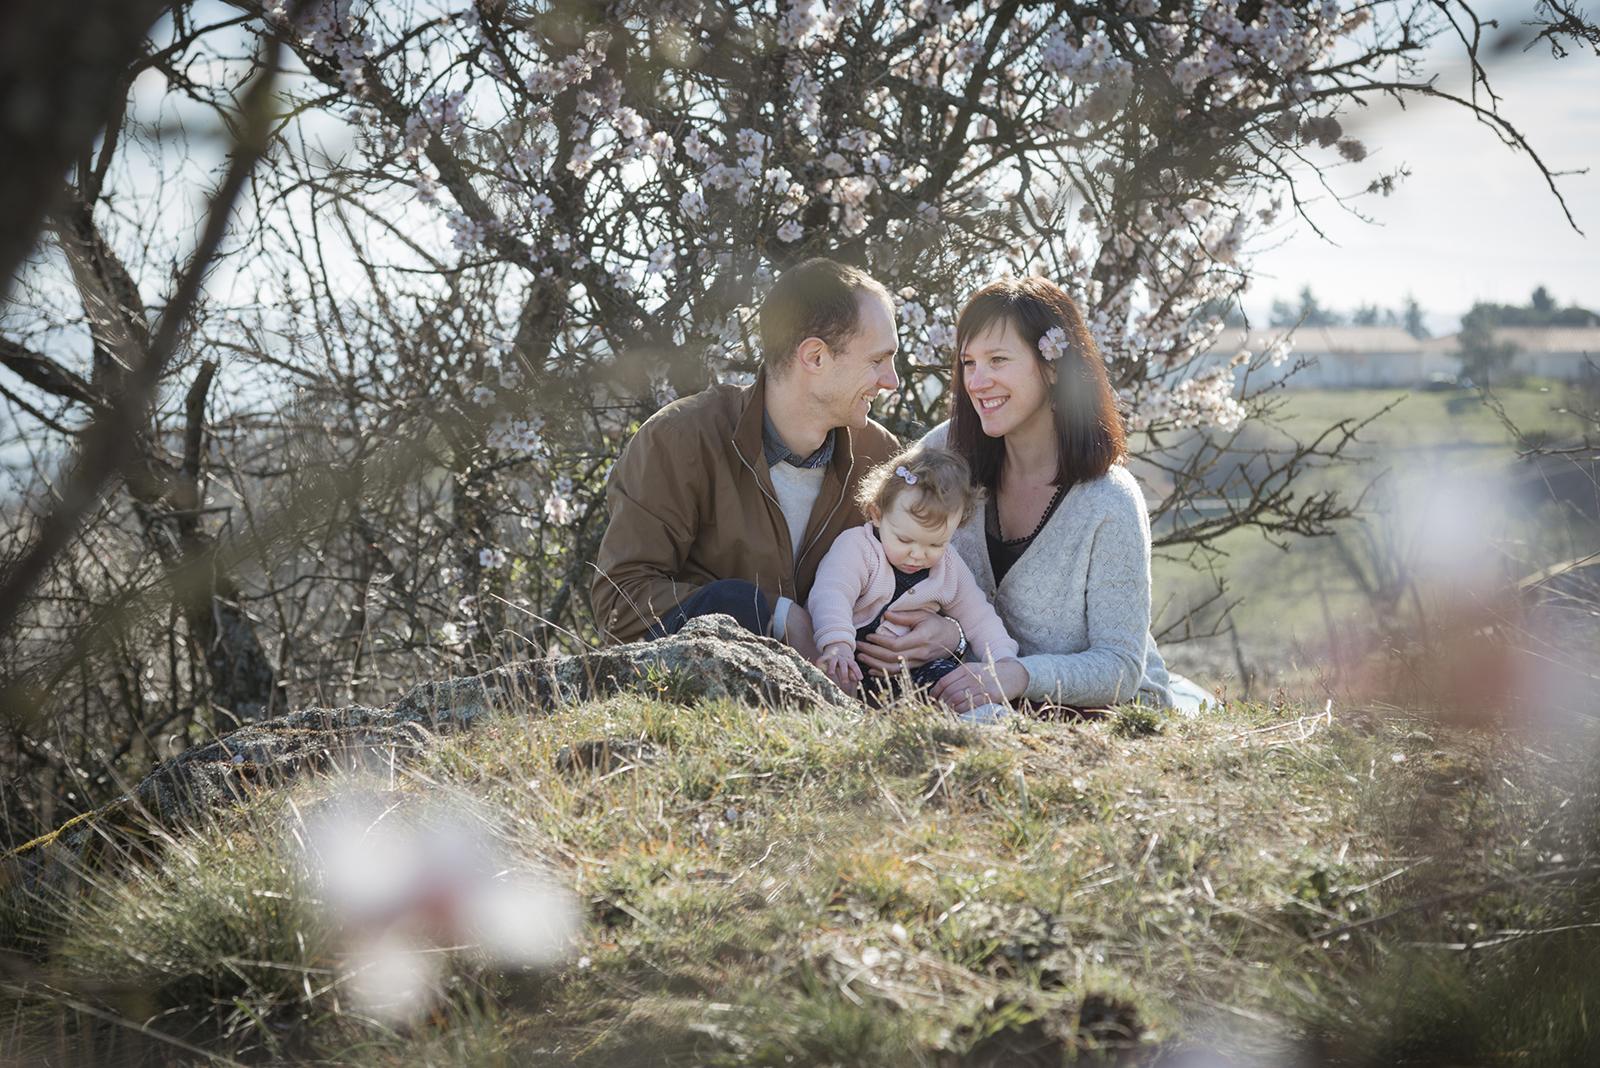 famille dans les fleurs d'amandiers